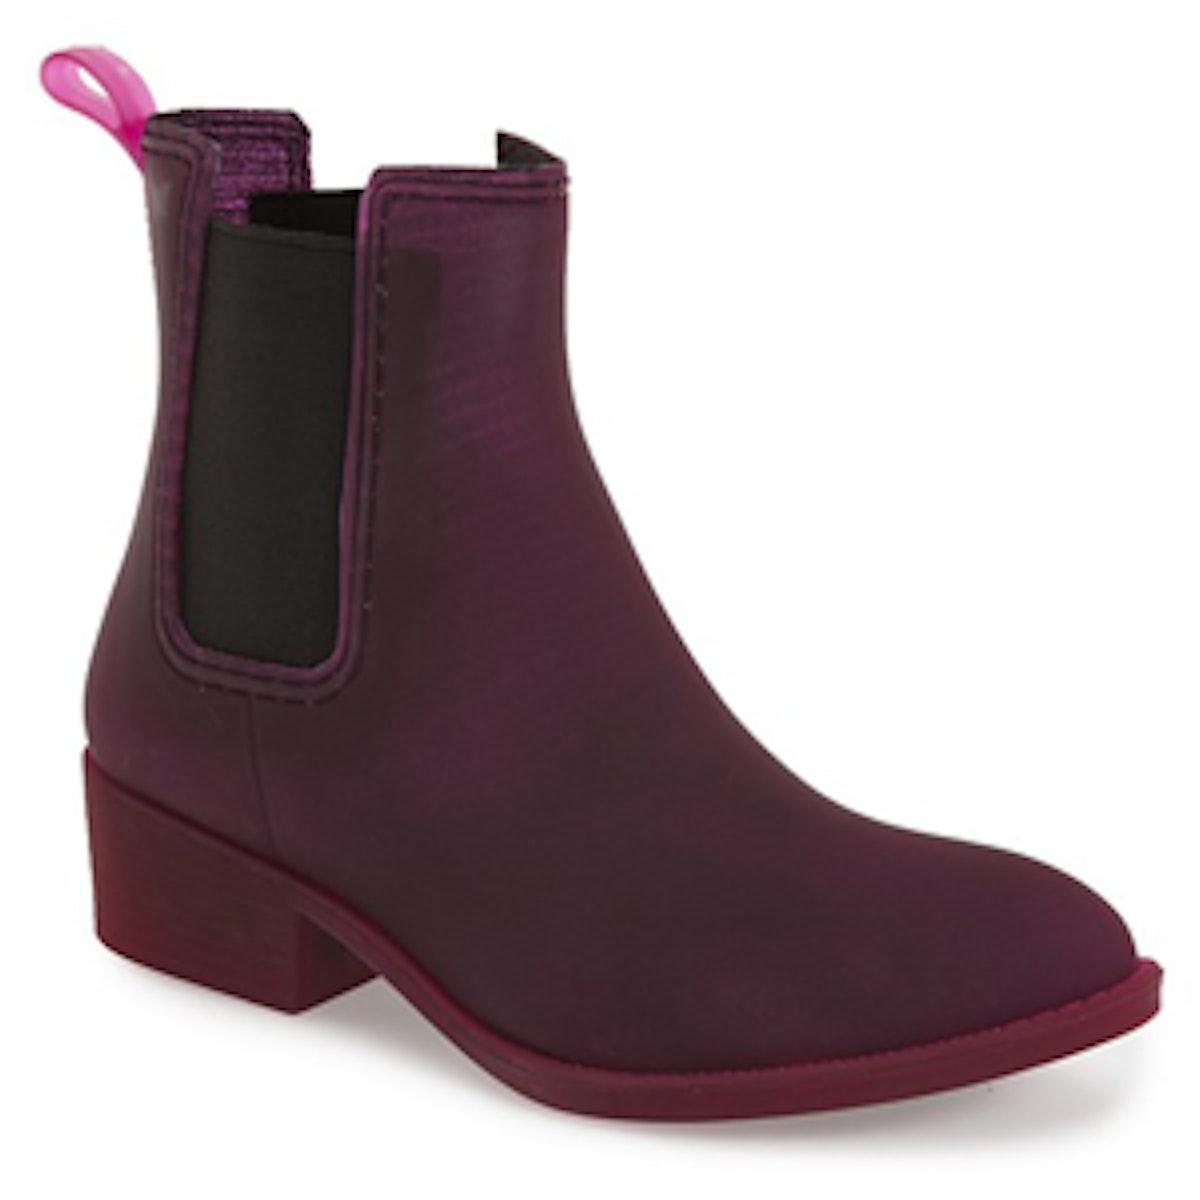 Stormy Rain Boot